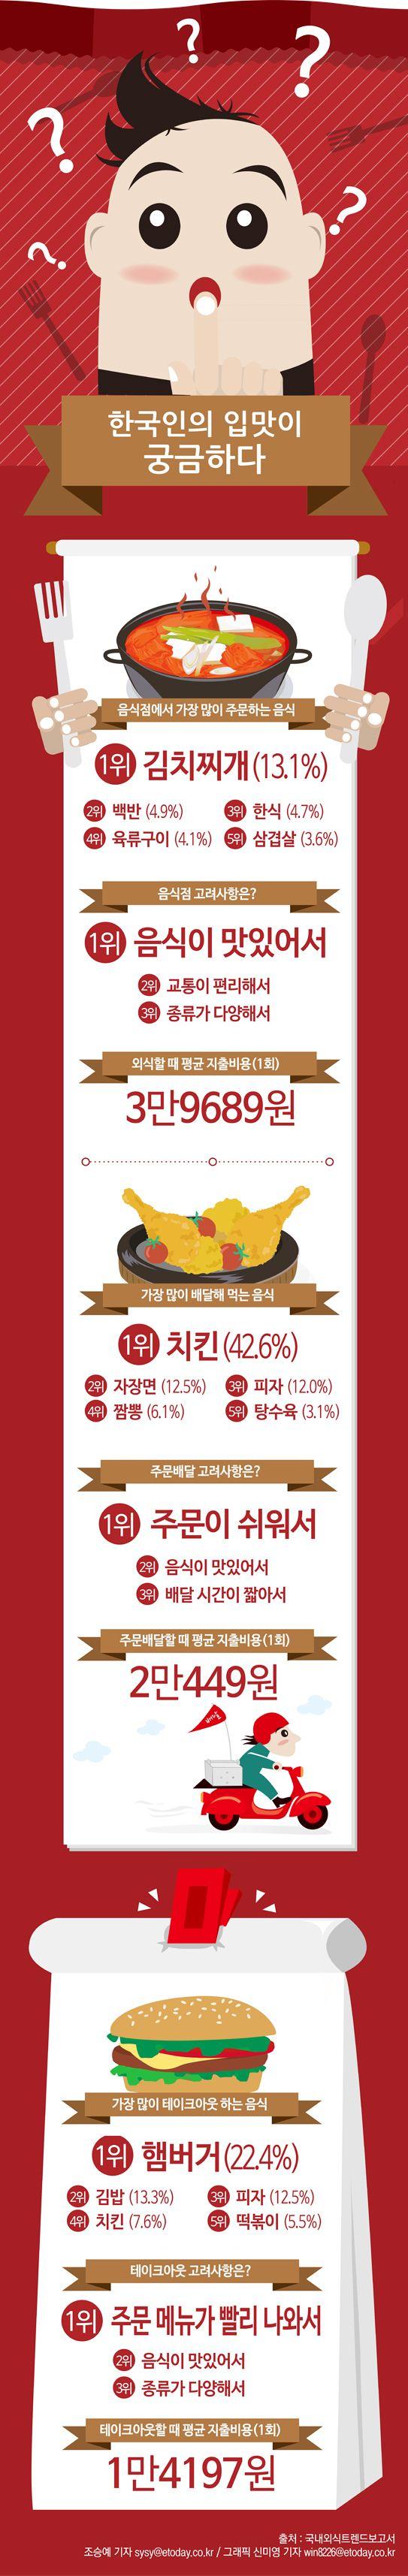 한국인의 외식 메뉴에 관한 인포그래픽